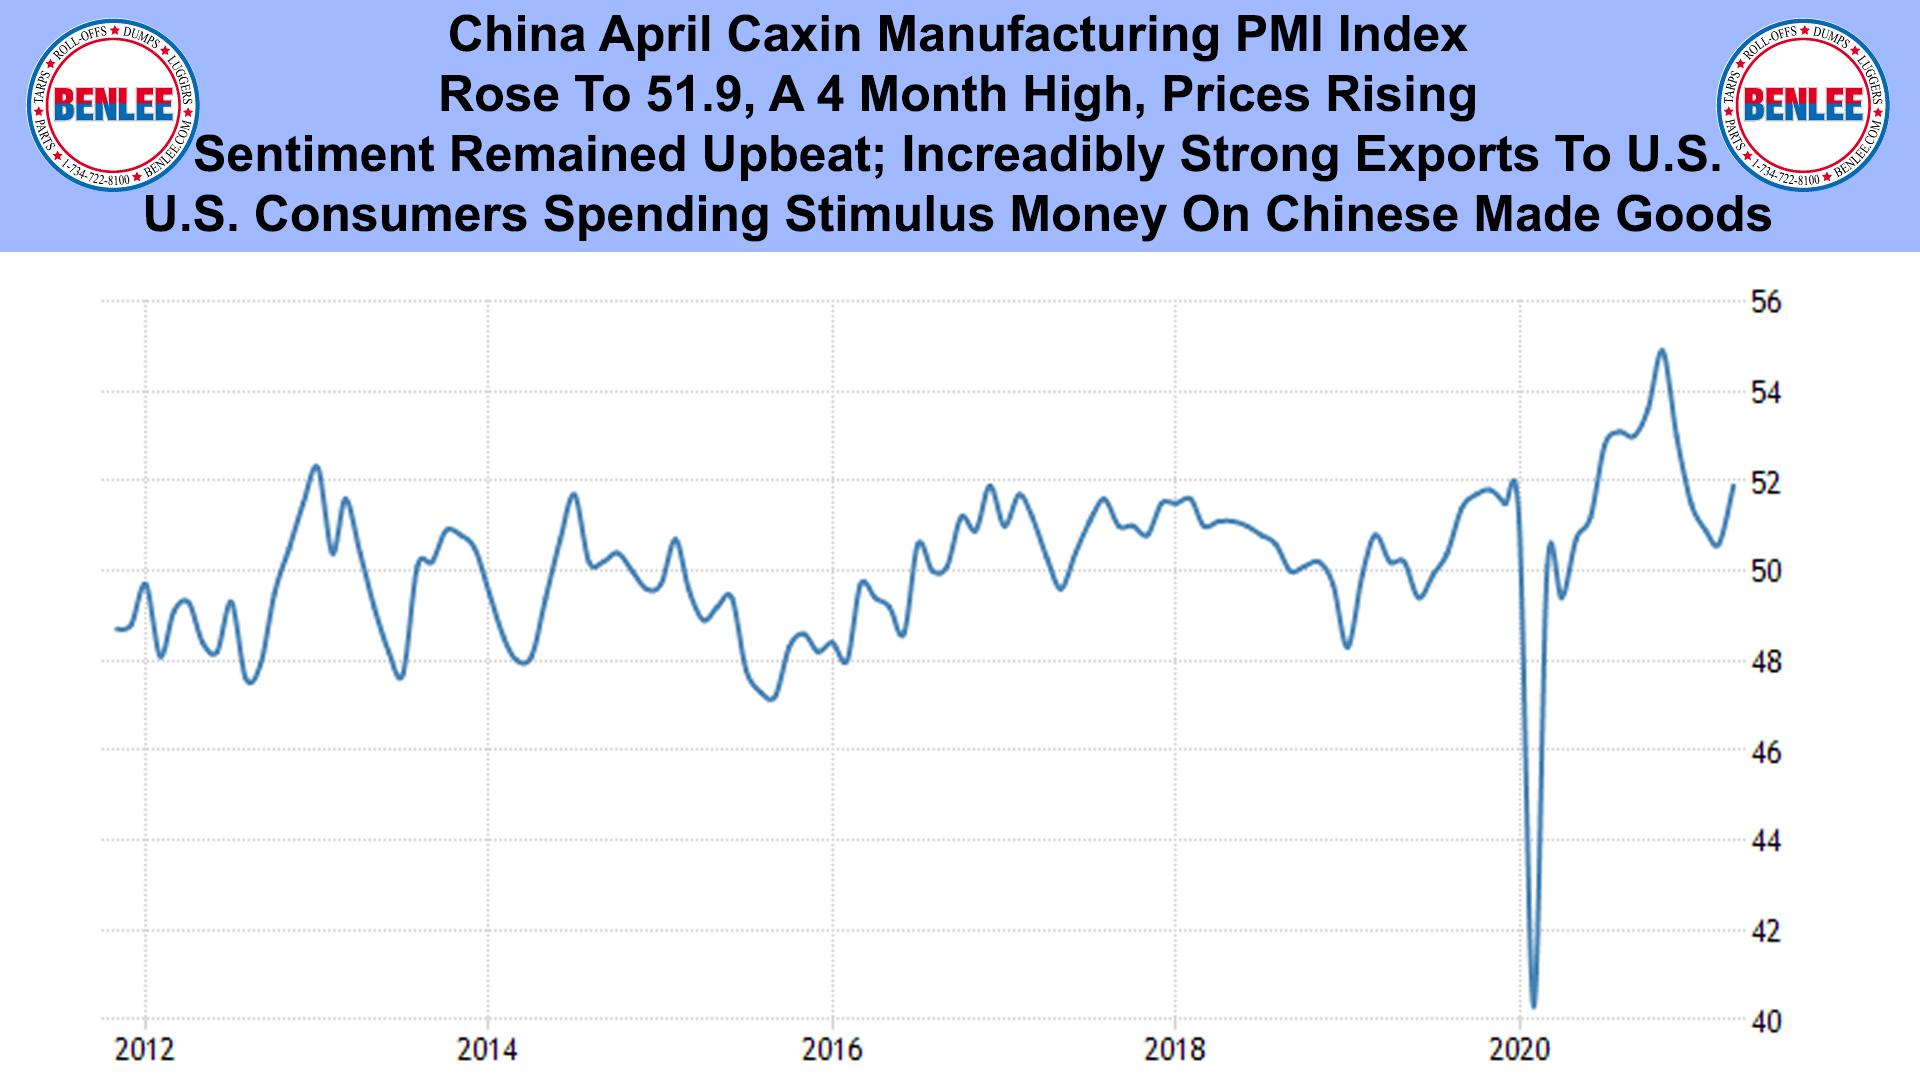 China April Caxin Manufacturing